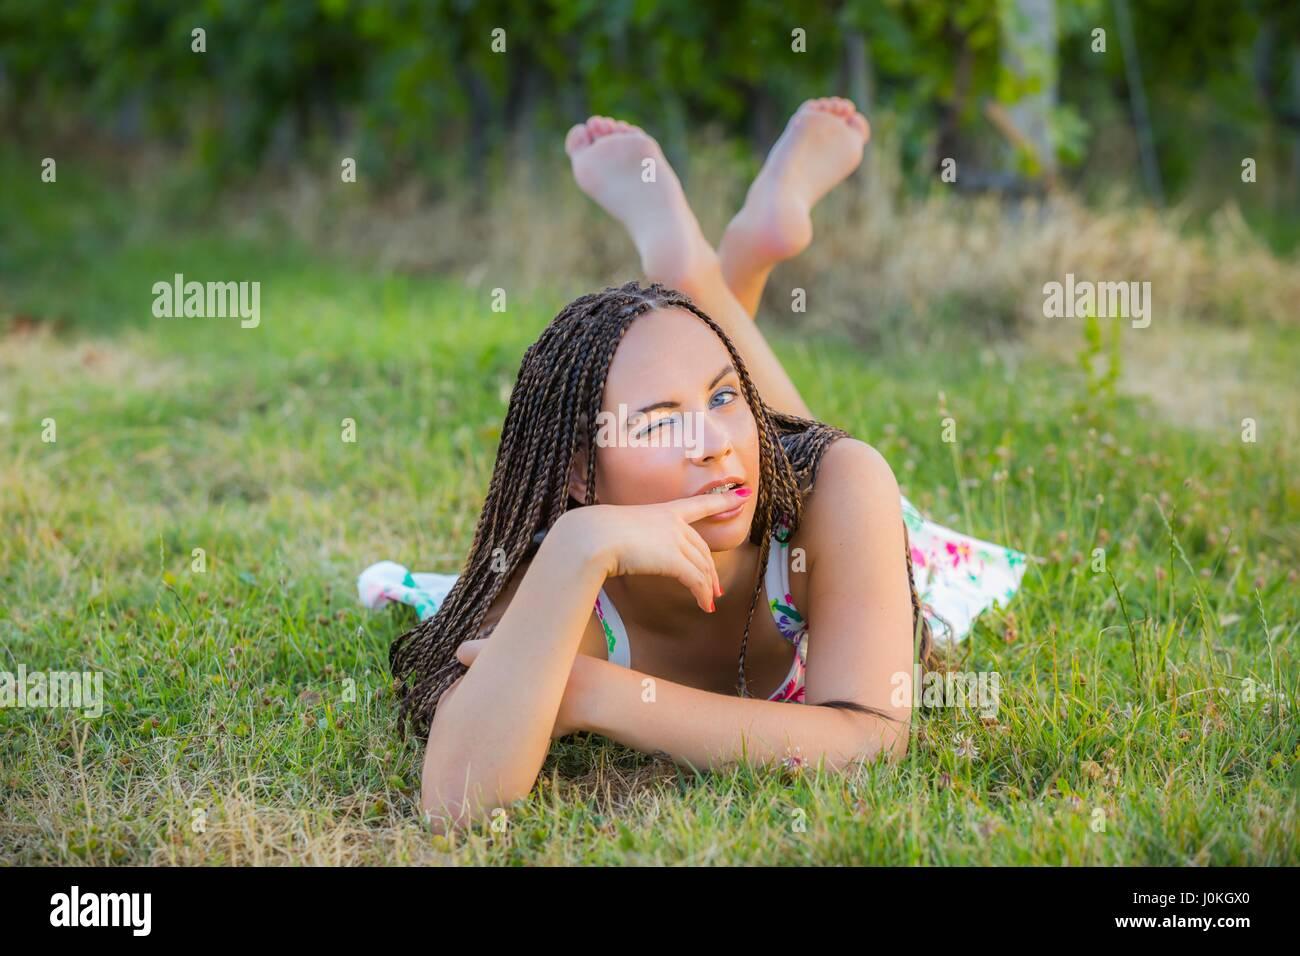 Paese Teen-ragazza distesa sulla pancia di erba winking un occhio guardando gli occhi della telecamera a contatto di lunghezza completa scalza cross zampe gambe incrociate naturelover Foto Stock